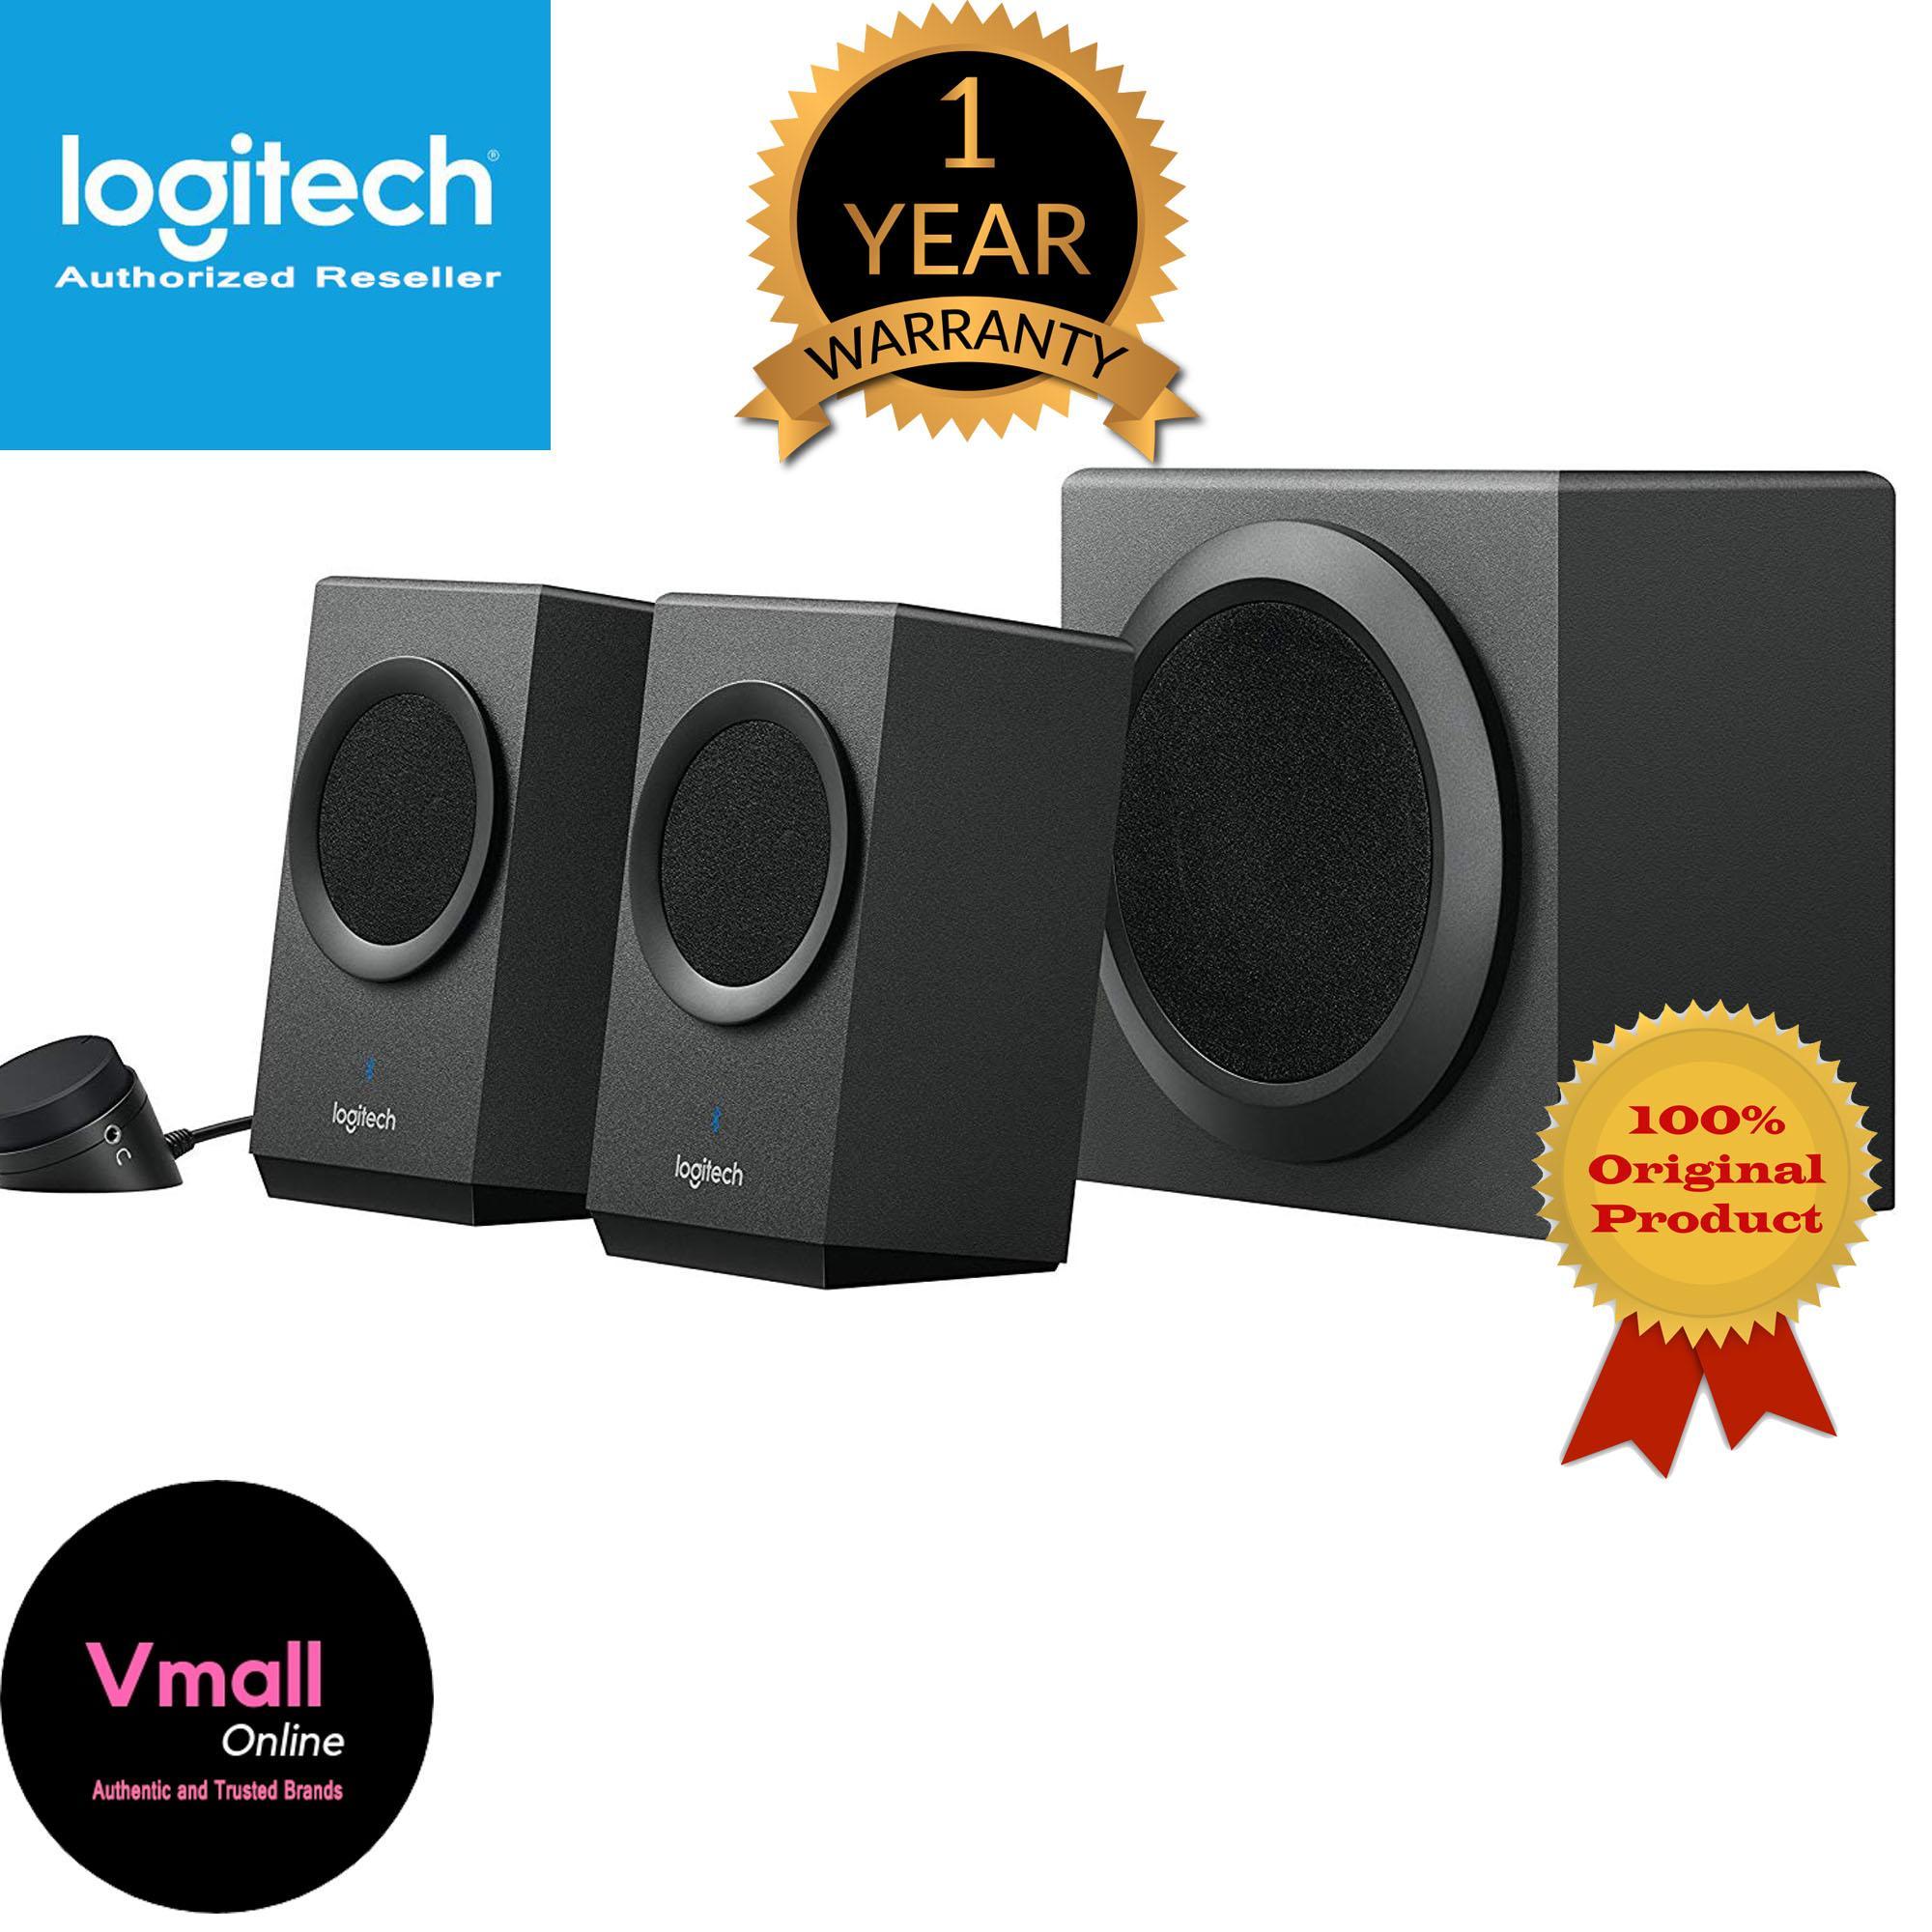 245d338971f Logitech Z337 Bluetooth Wireless 2.1 PC Speakers with Subwoofer, 80 Watts  Peak/40 Watts